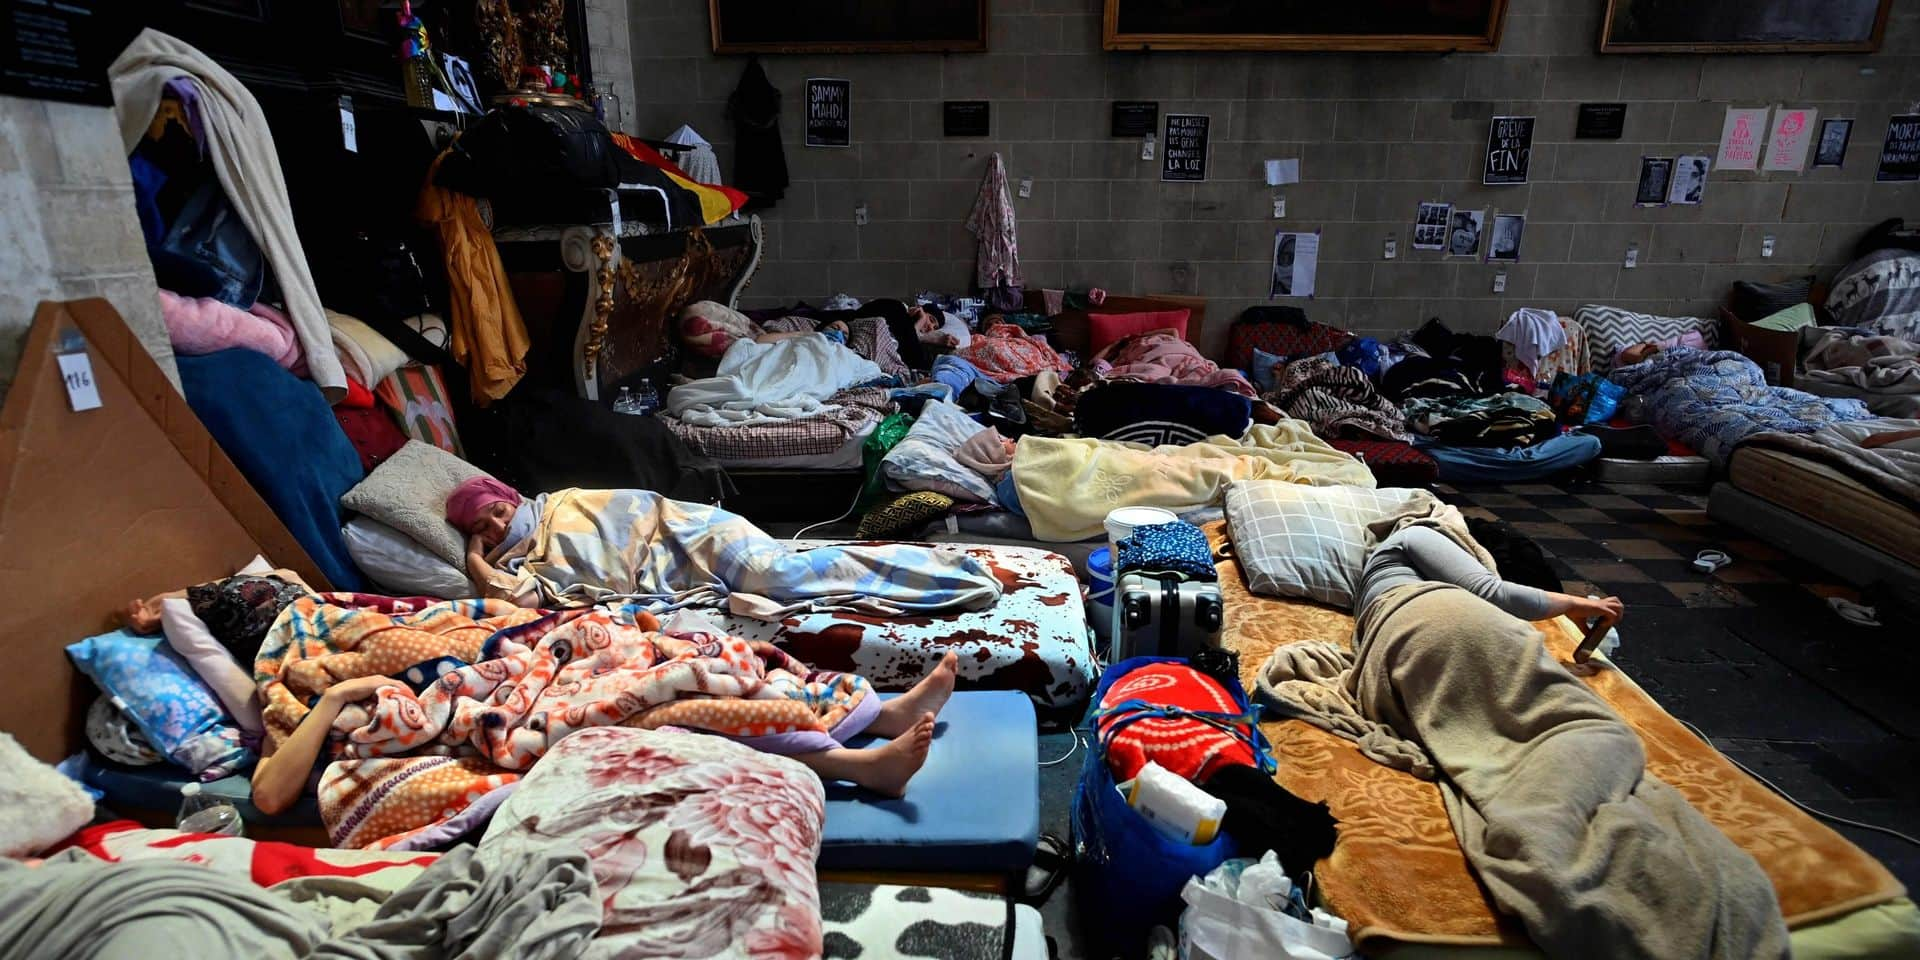 """Grévistes de la faim sans-papiers à Bruxelles: Ecolo réclame une solution """"humaine"""" et """"digne"""""""